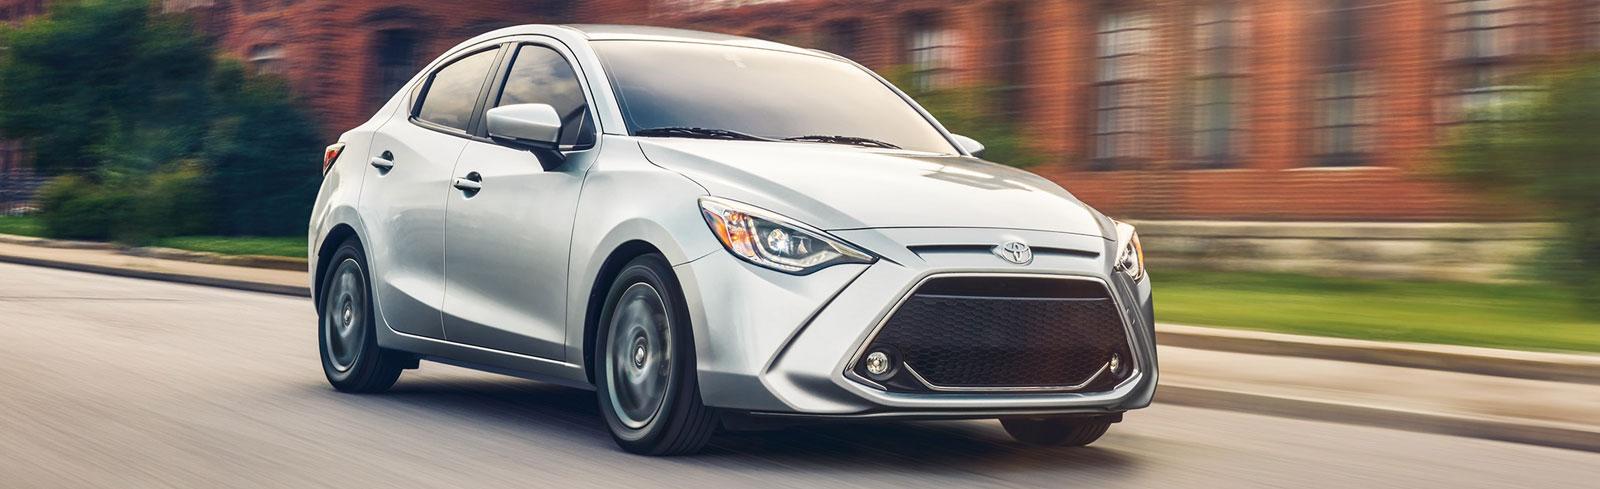 2020 Toyota Yaris Sedan in Oklahoma City, near Edmond, OK